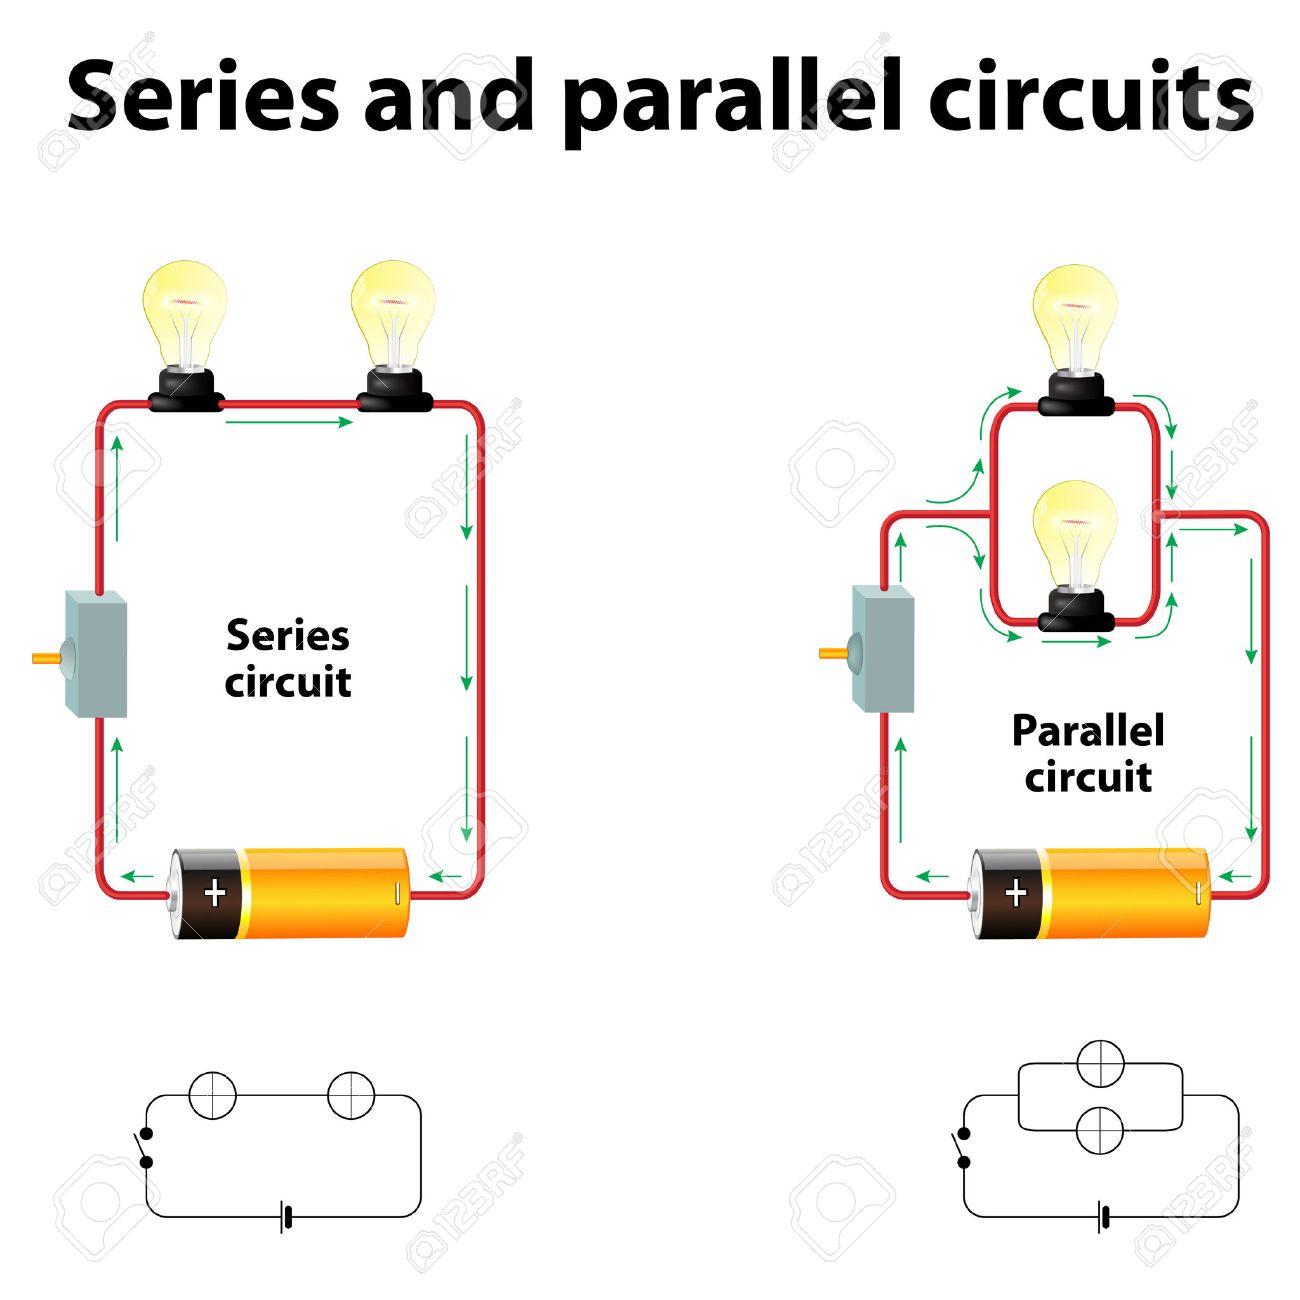 Circuito Seri E Paralelo : Circuitos en serie y en paralelo en la serie están conectados a